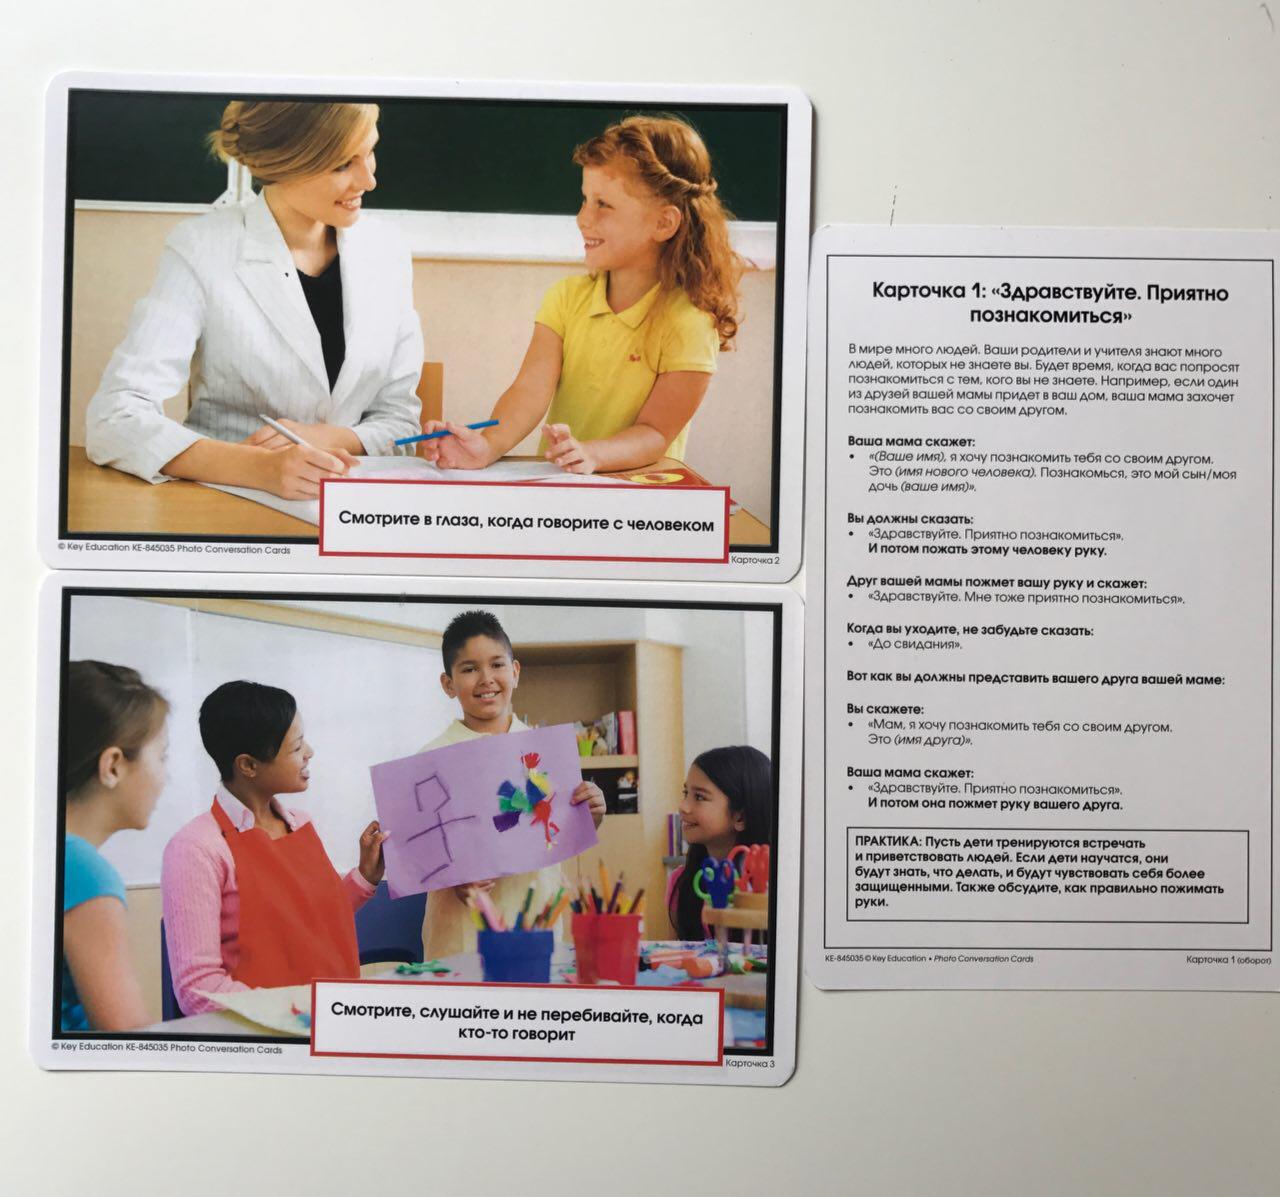 Карточки для улучшения навыков коммуникаций 889